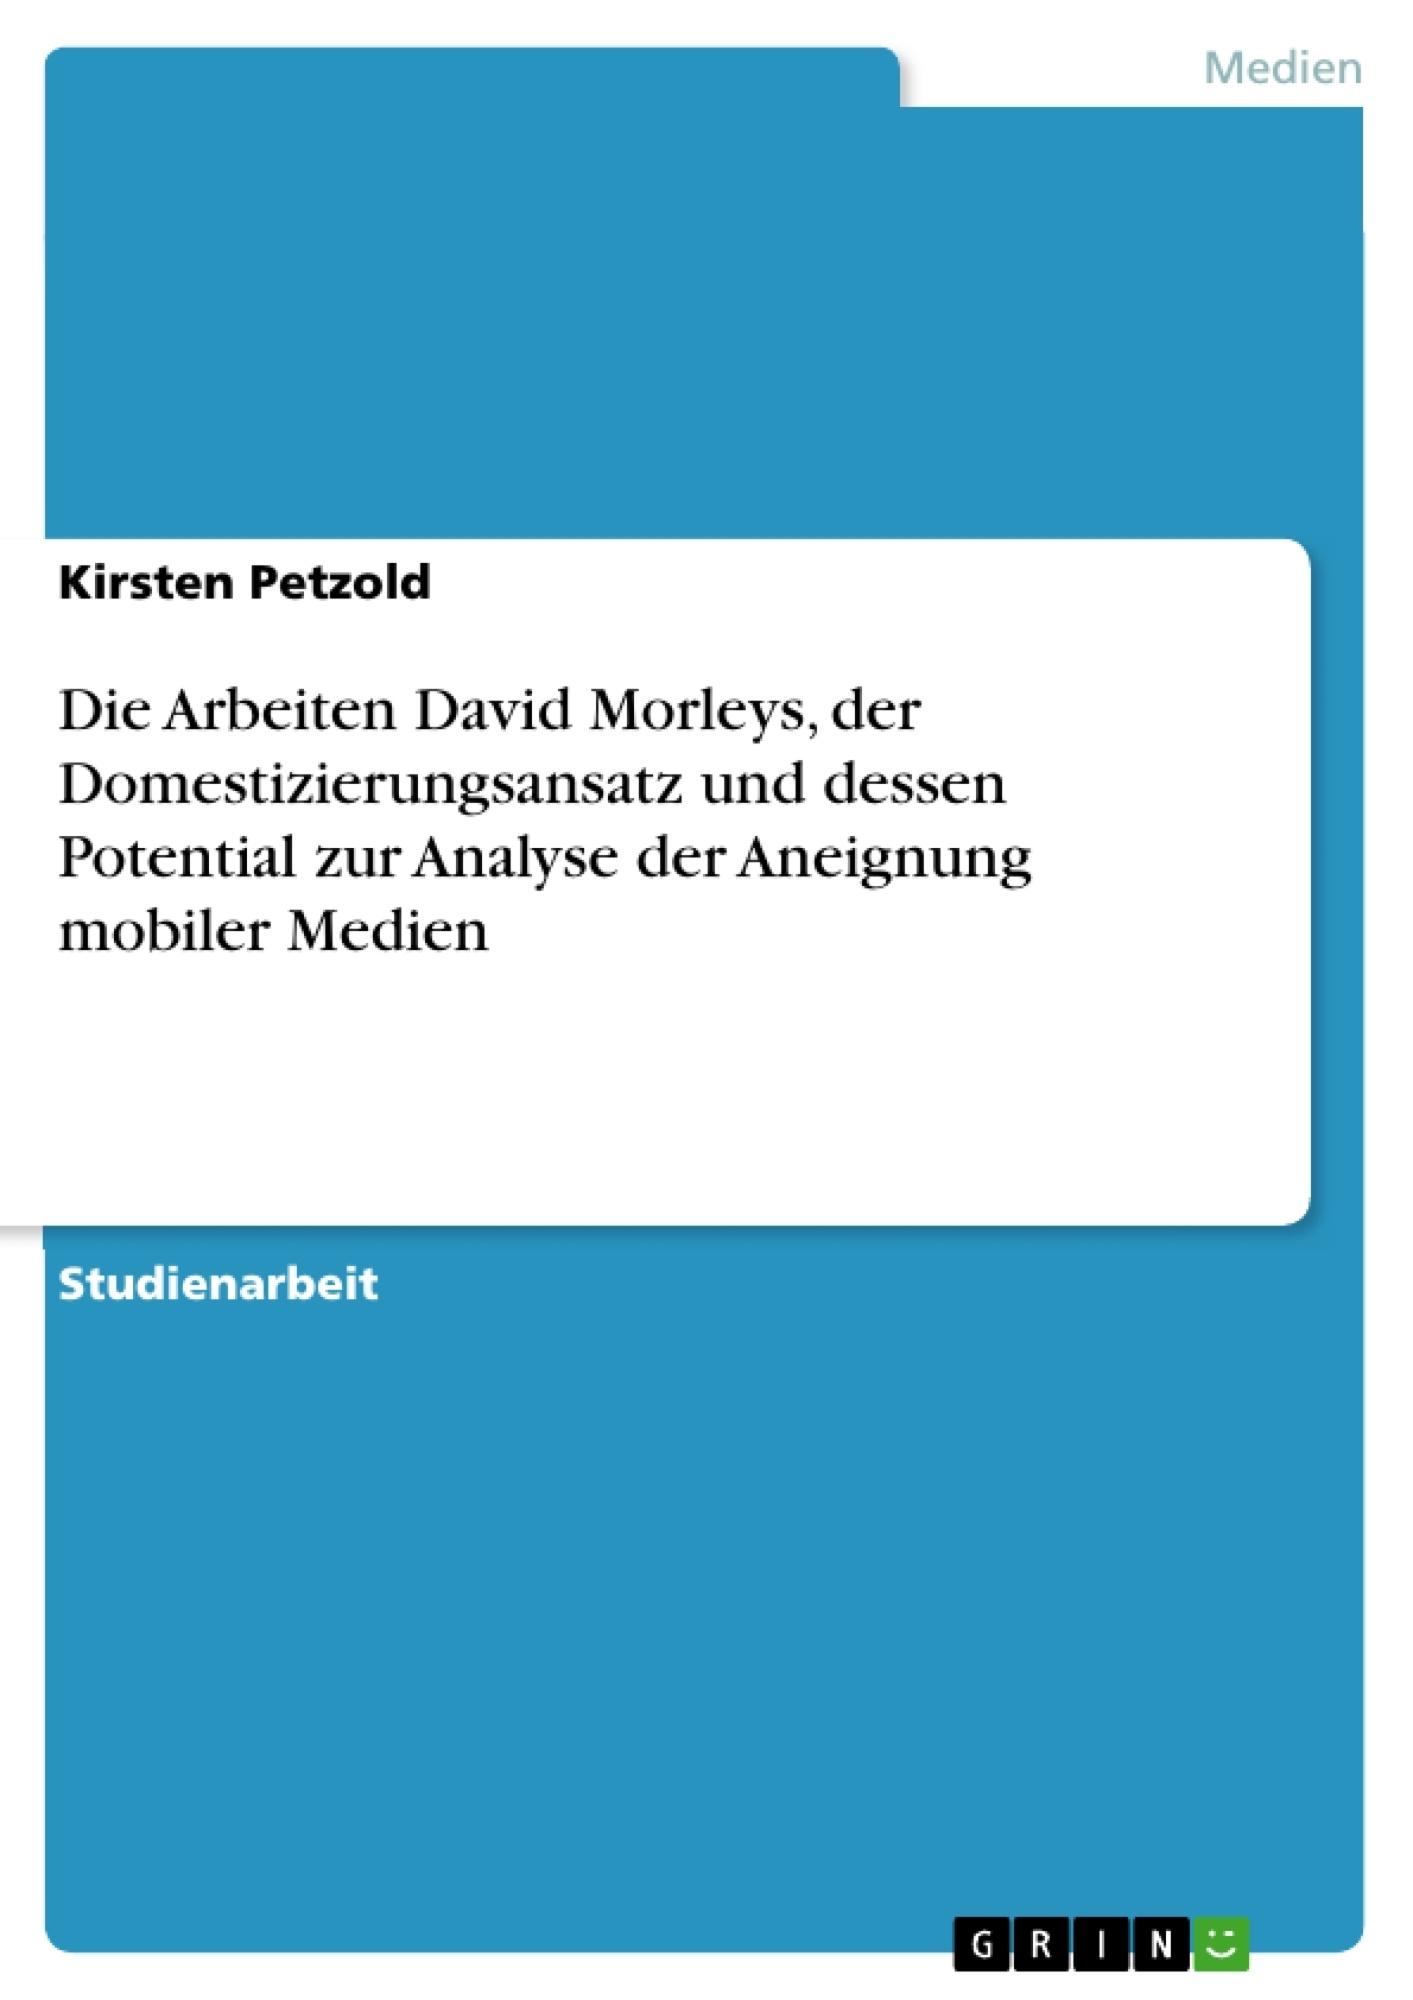 Titel: Die Arbeiten David Morleys, der Domestizierungsansatz und dessen Potential zur Analyse der Aneignung mobiler Medien